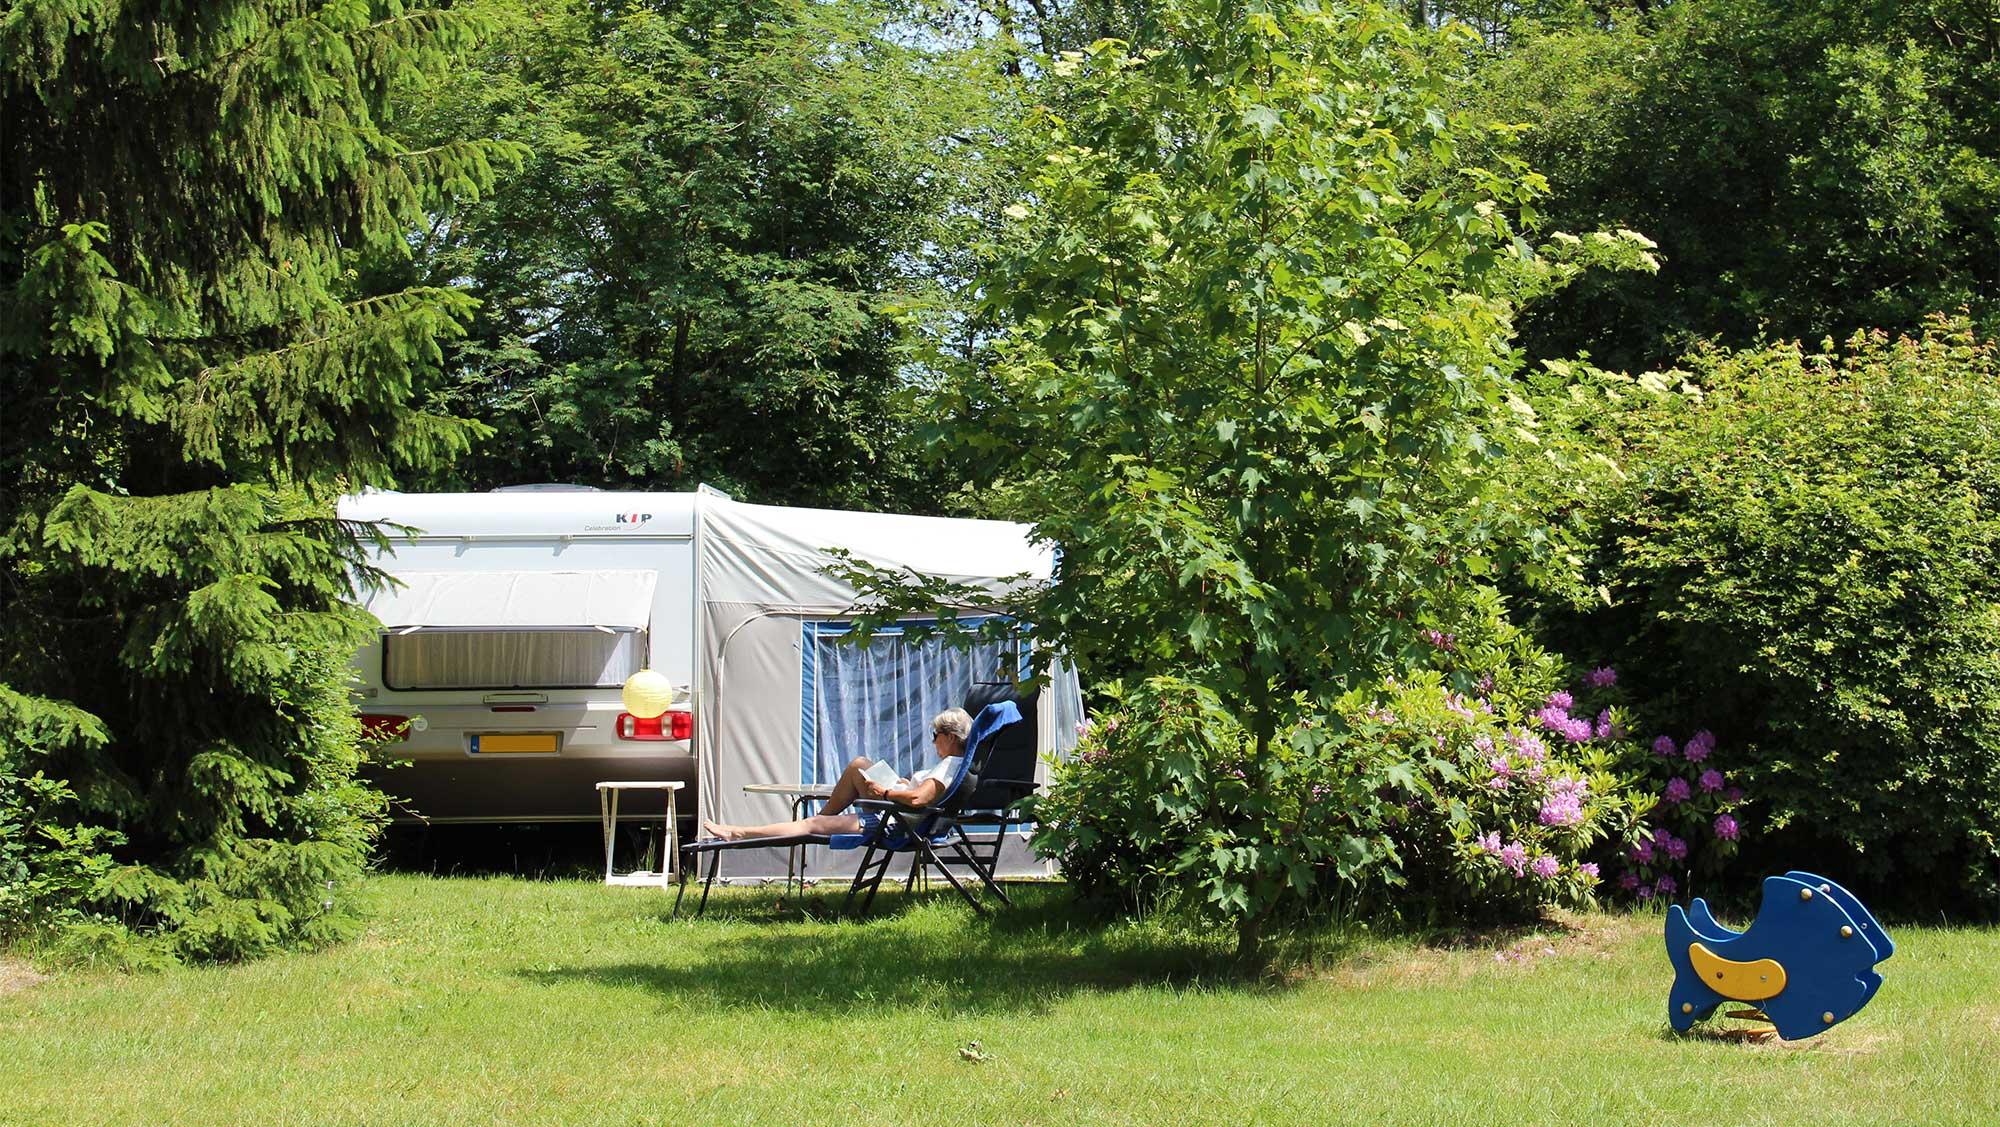 Basisplaats kamperen Molecaten Park Landgoed Molecaten 12